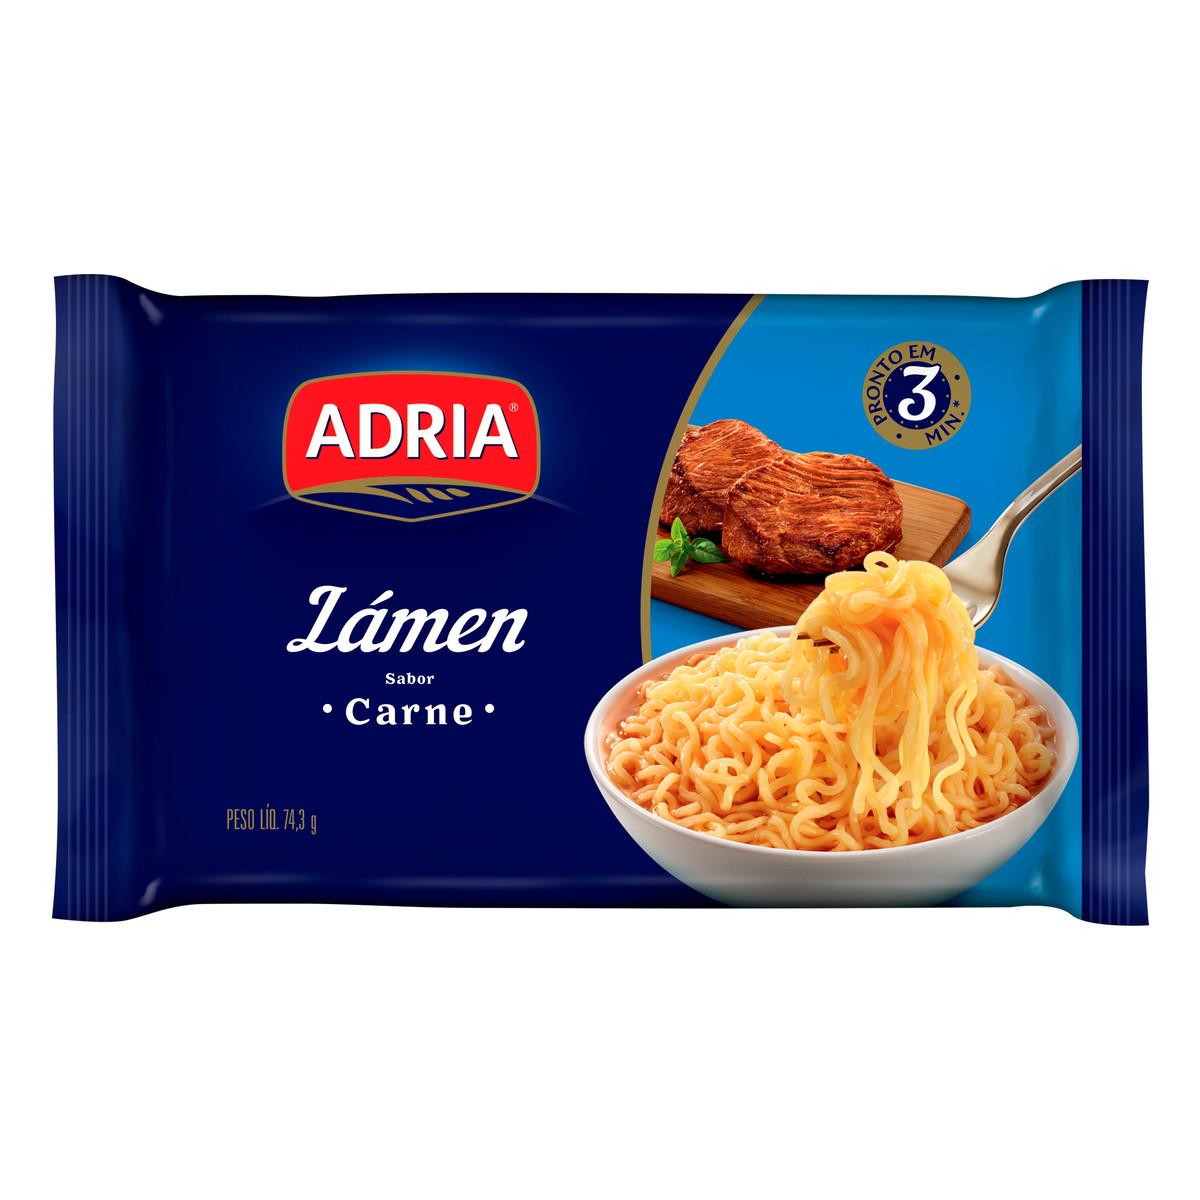 Macarrão Instantâneo Lámen sabor Carne 74,3g Adria pacote UN